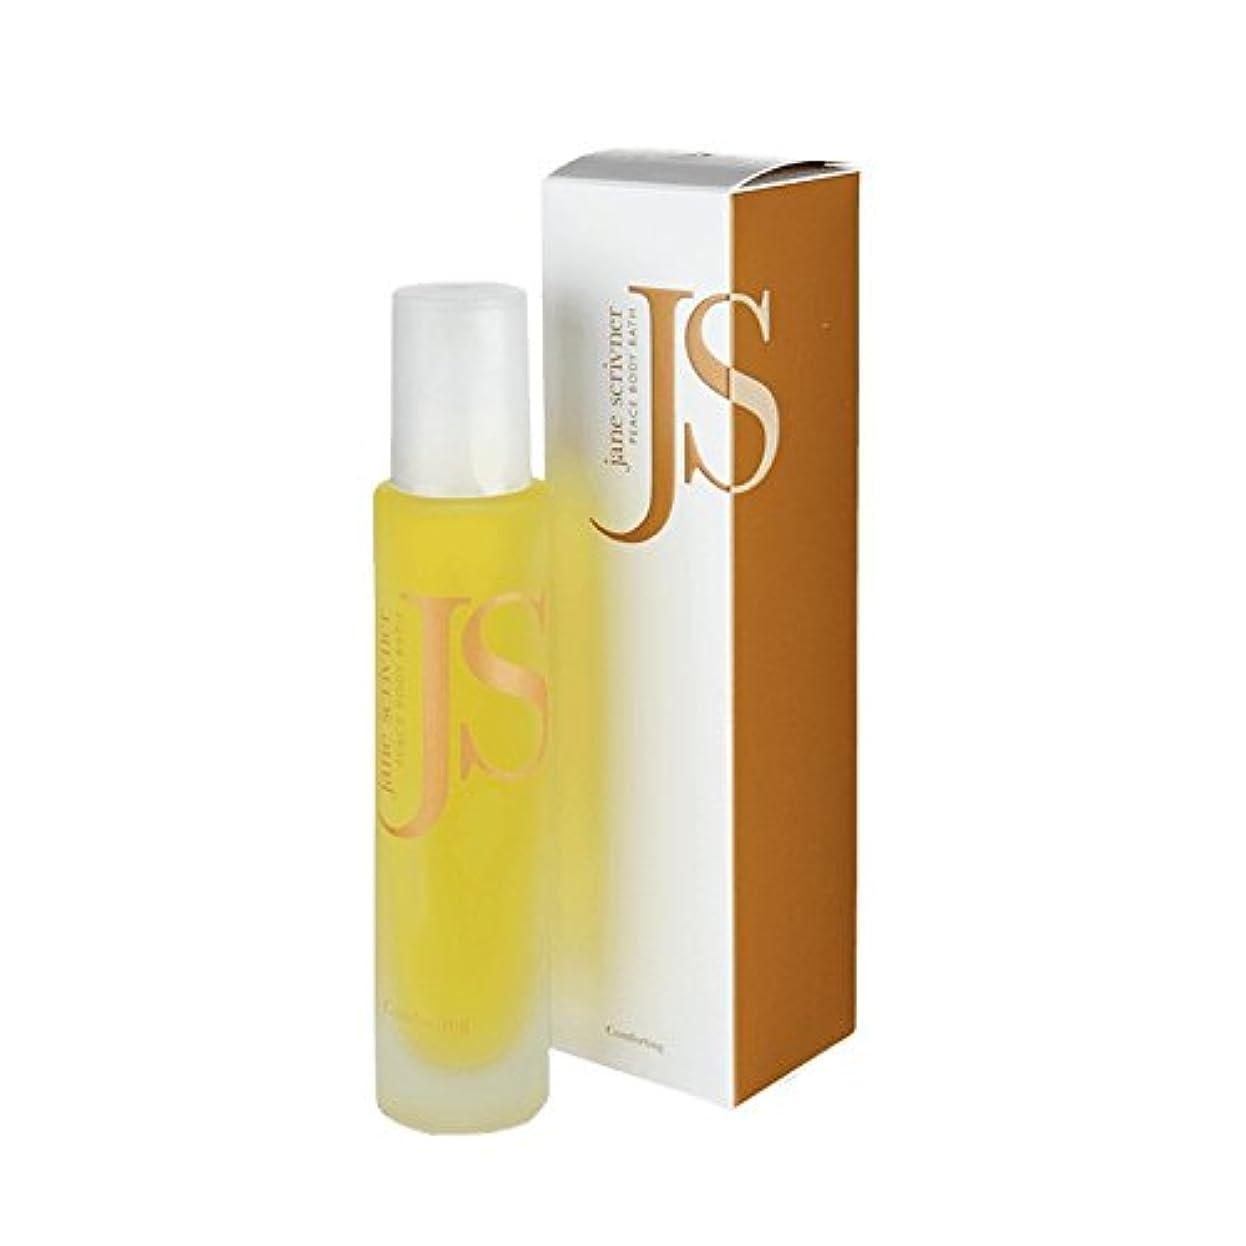 サイトラインオーディション脳ジェーンScrivnerボディバスオイル平和100ミリリットル - Jane Scrivner Body Bath Oil Peace 100ml (Jane Scrivner) [並行輸入品]